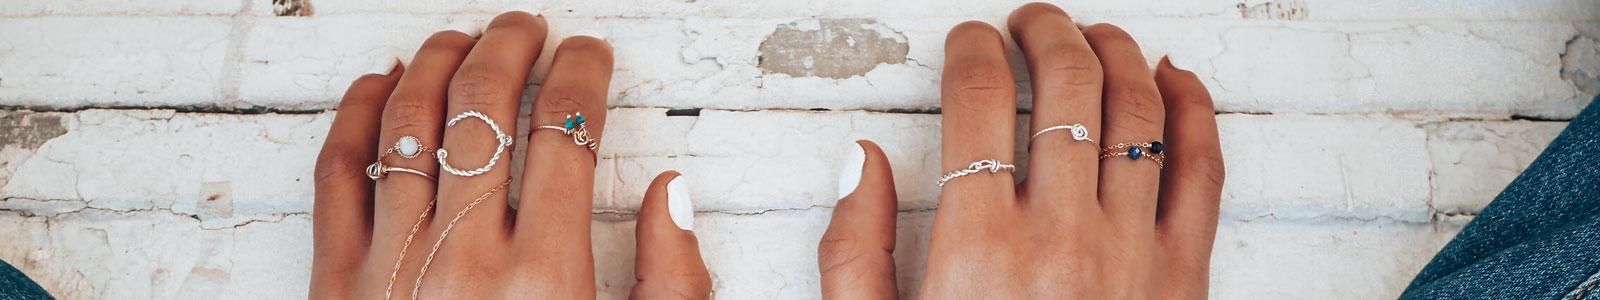 image rubrique Chaînes de cheville